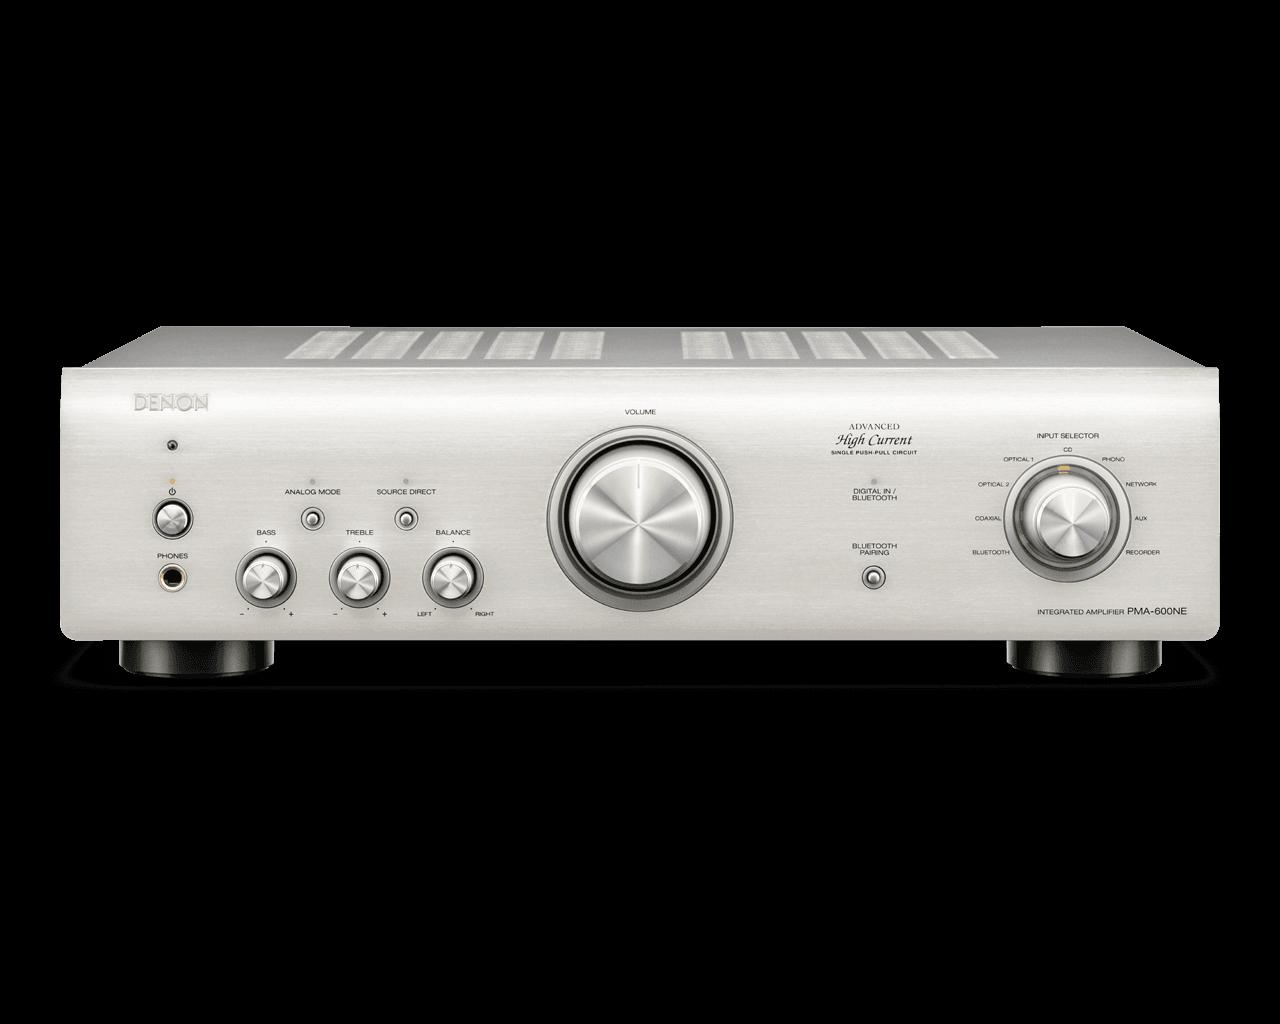 EL pma 600ne jp sp fr compressor - ELSOUND(エルサウンド)プリメイン型パワーアンプEPWS-6試聴レビュー【10万円以下】